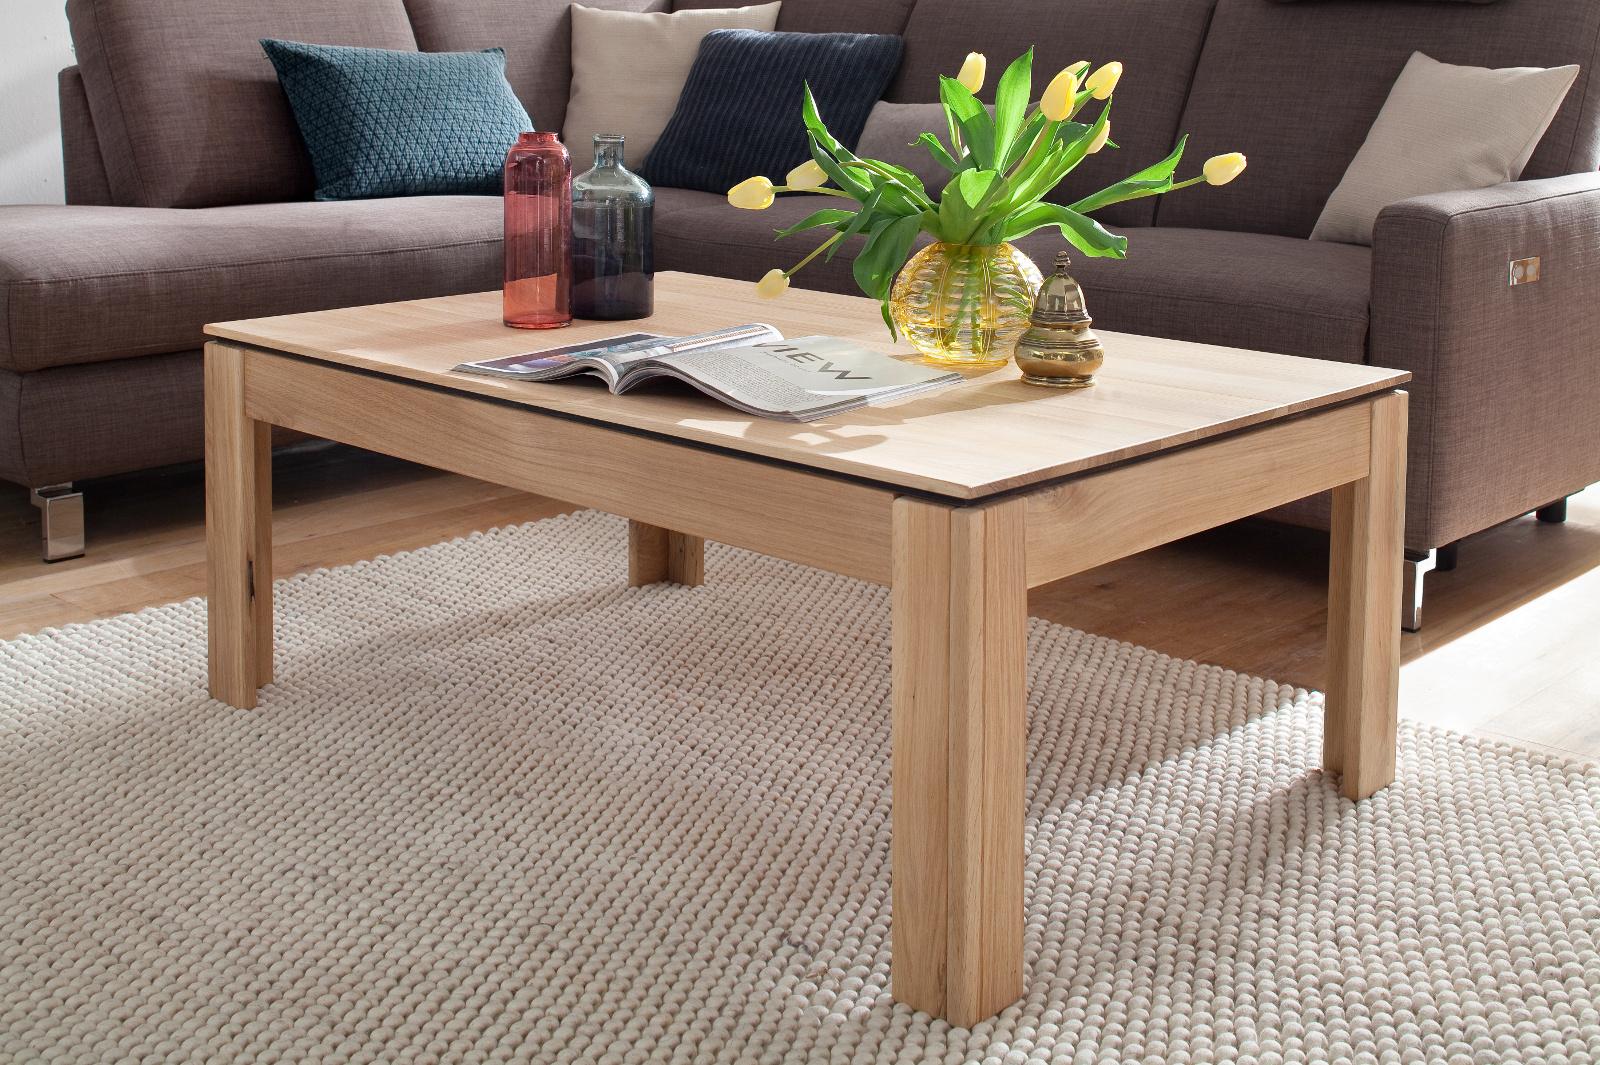 stuhl st hle 2 x schwinger armlehnschwinger leder line7 5. Black Bedroom Furniture Sets. Home Design Ideas